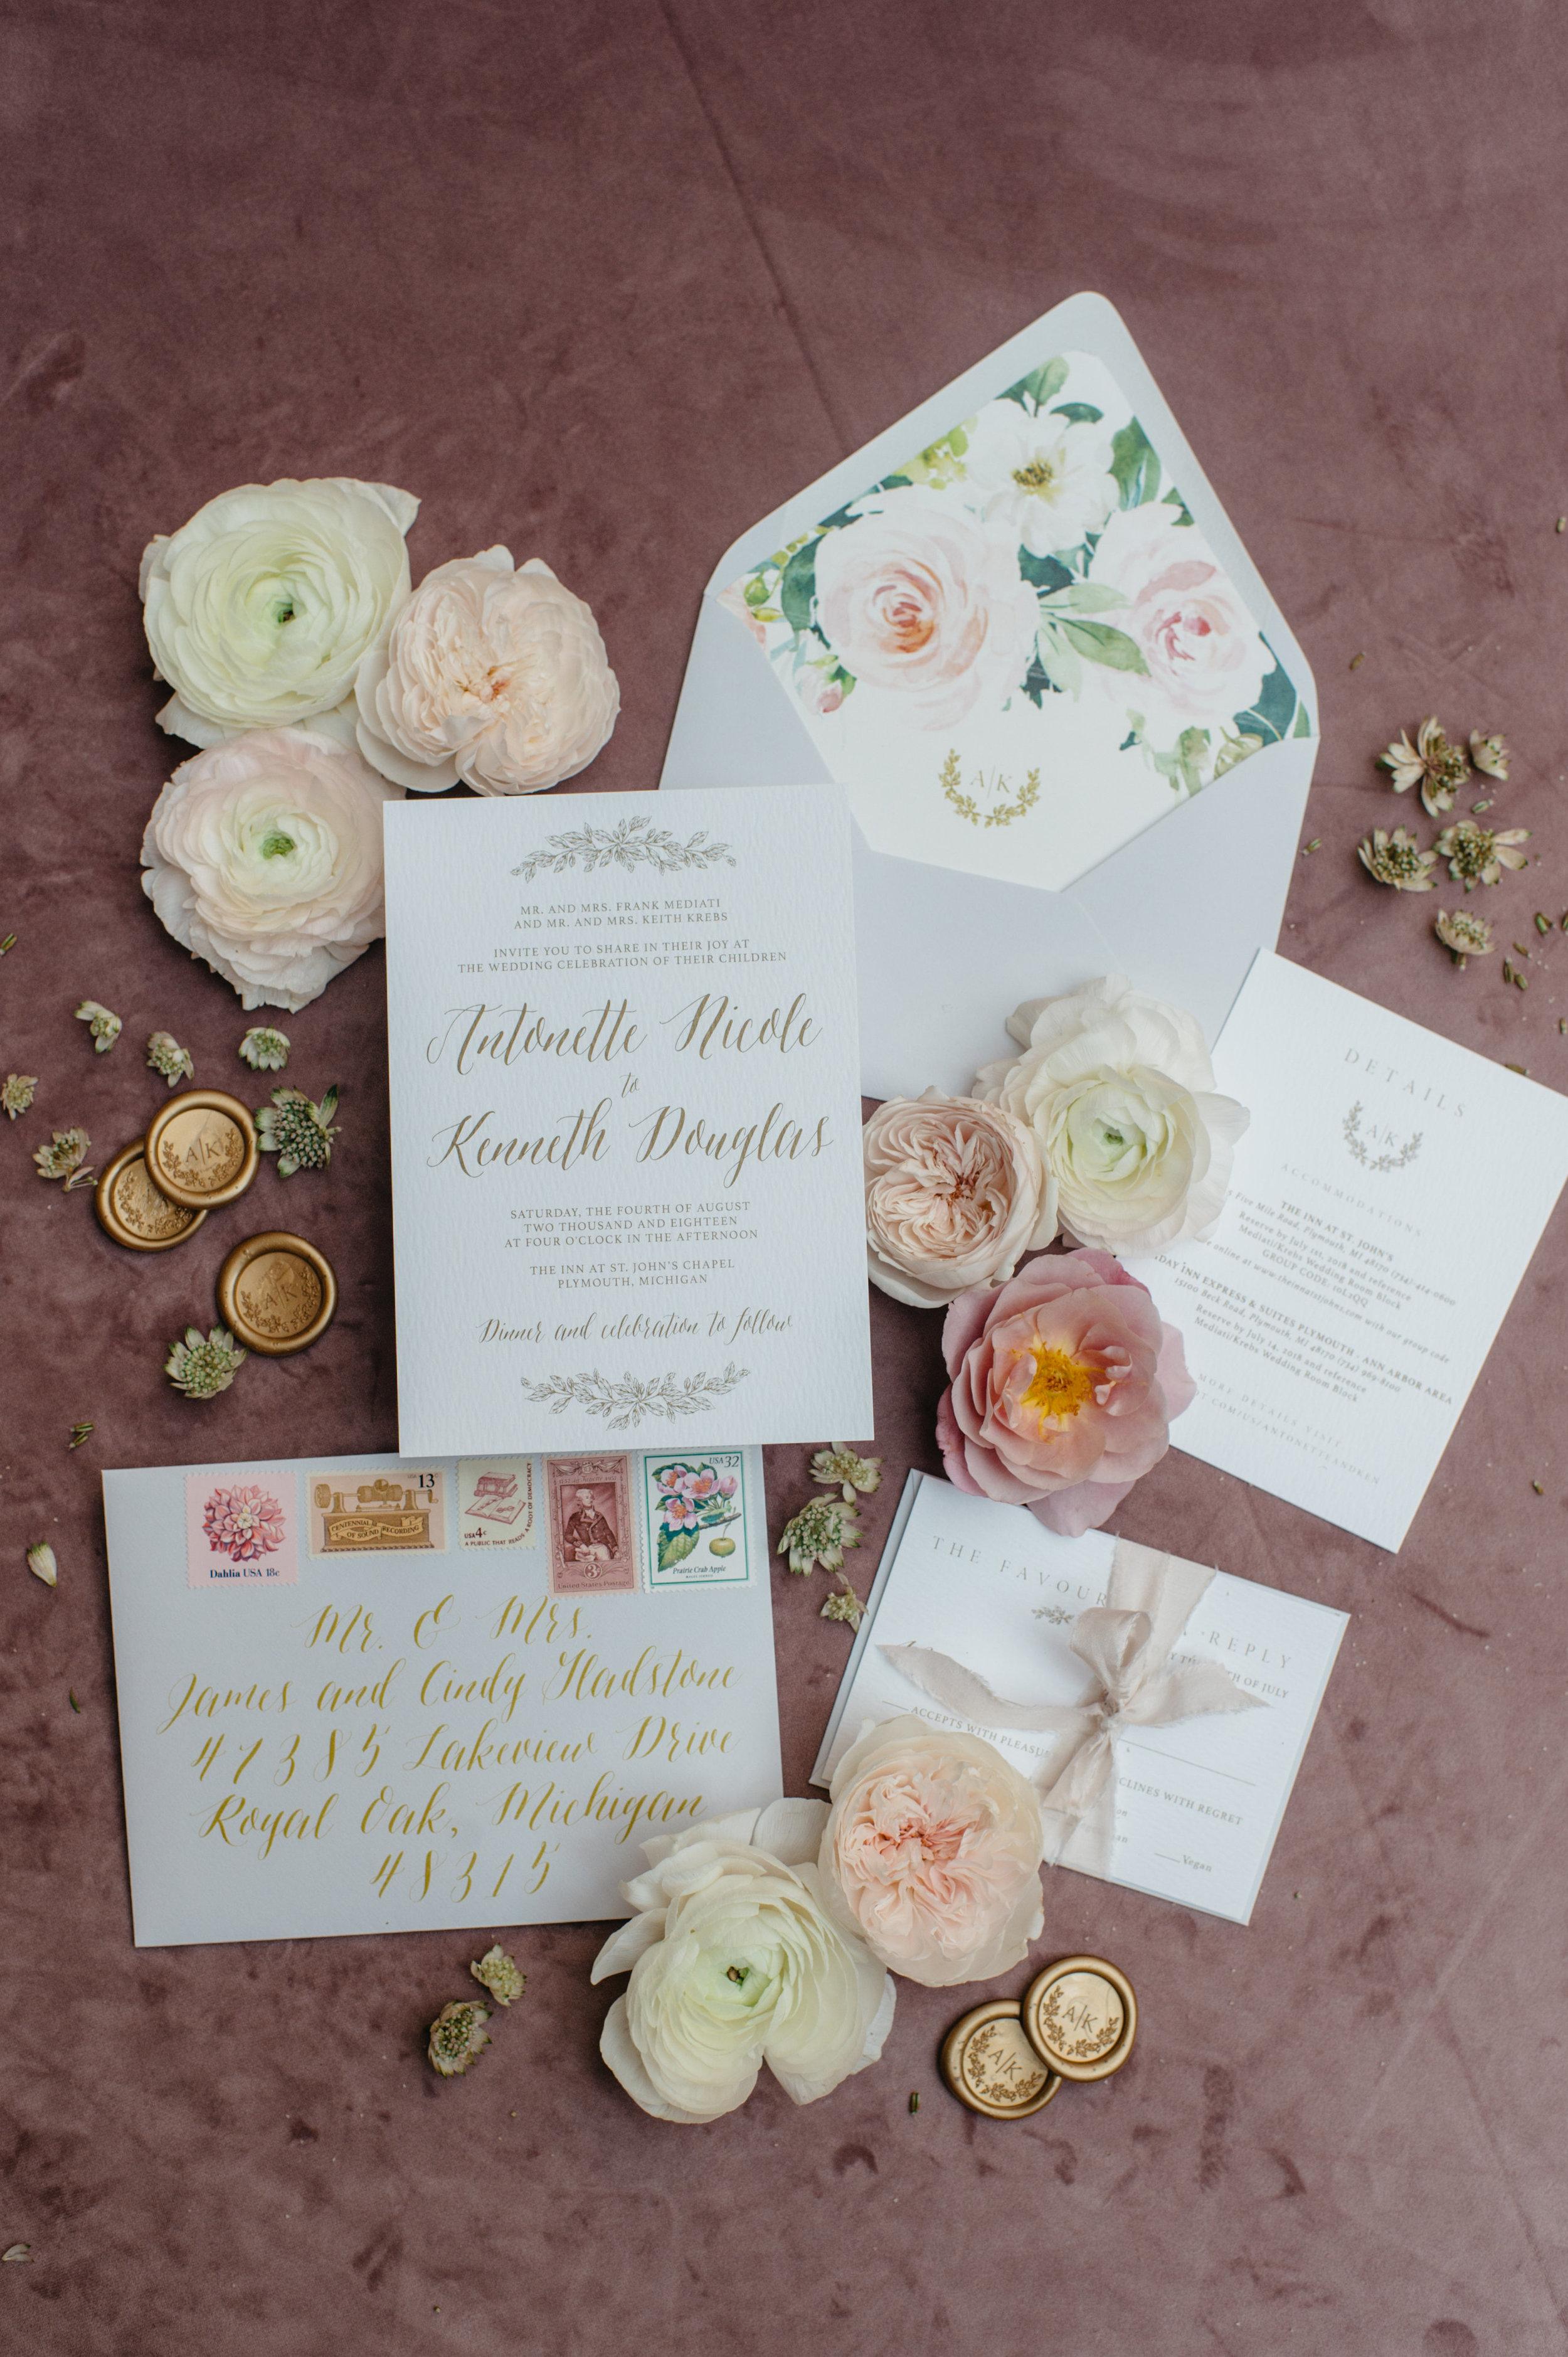 custom wedding planners michigan event design paper goods florals invitation suite invites